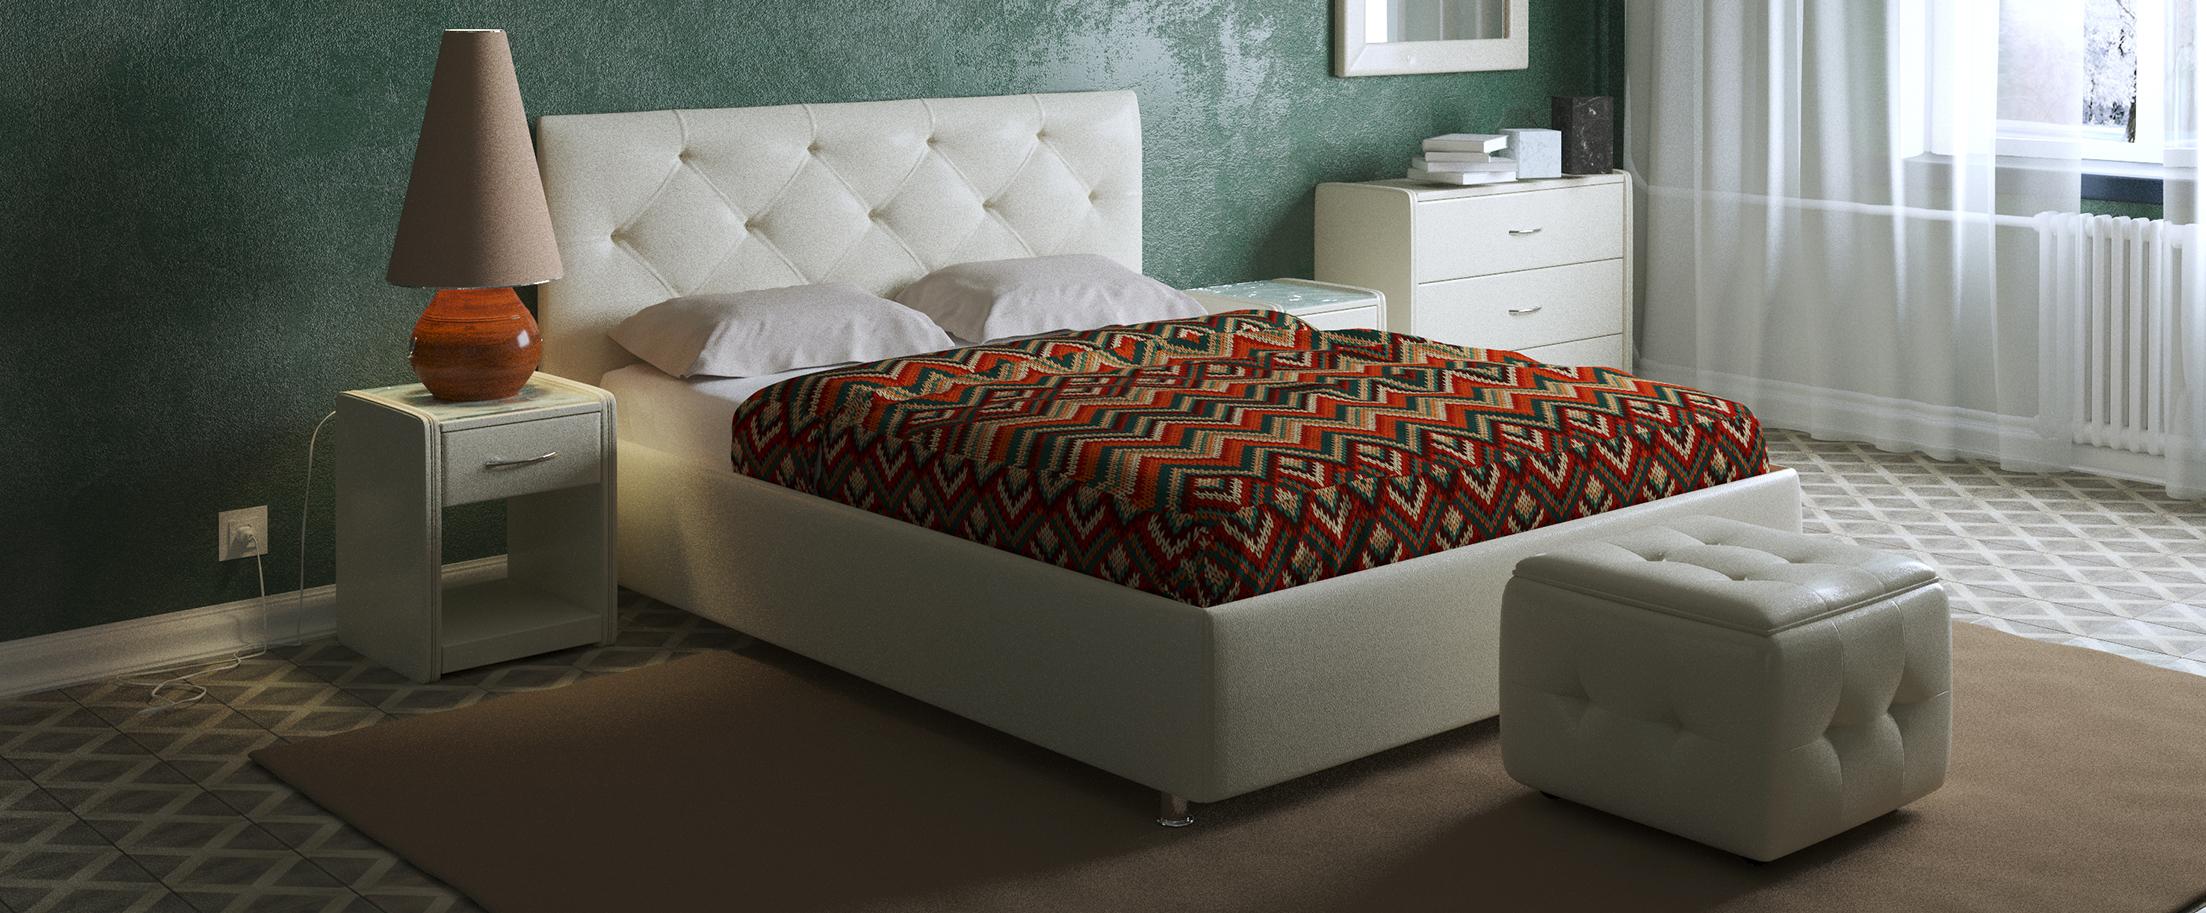 Кровать двуспальная Монблан Модель 383«Монблан» станет центром внимания в спальне. Утяжки средней глубины кропотливо собраны вручную и подчеркнуты пуговицами.